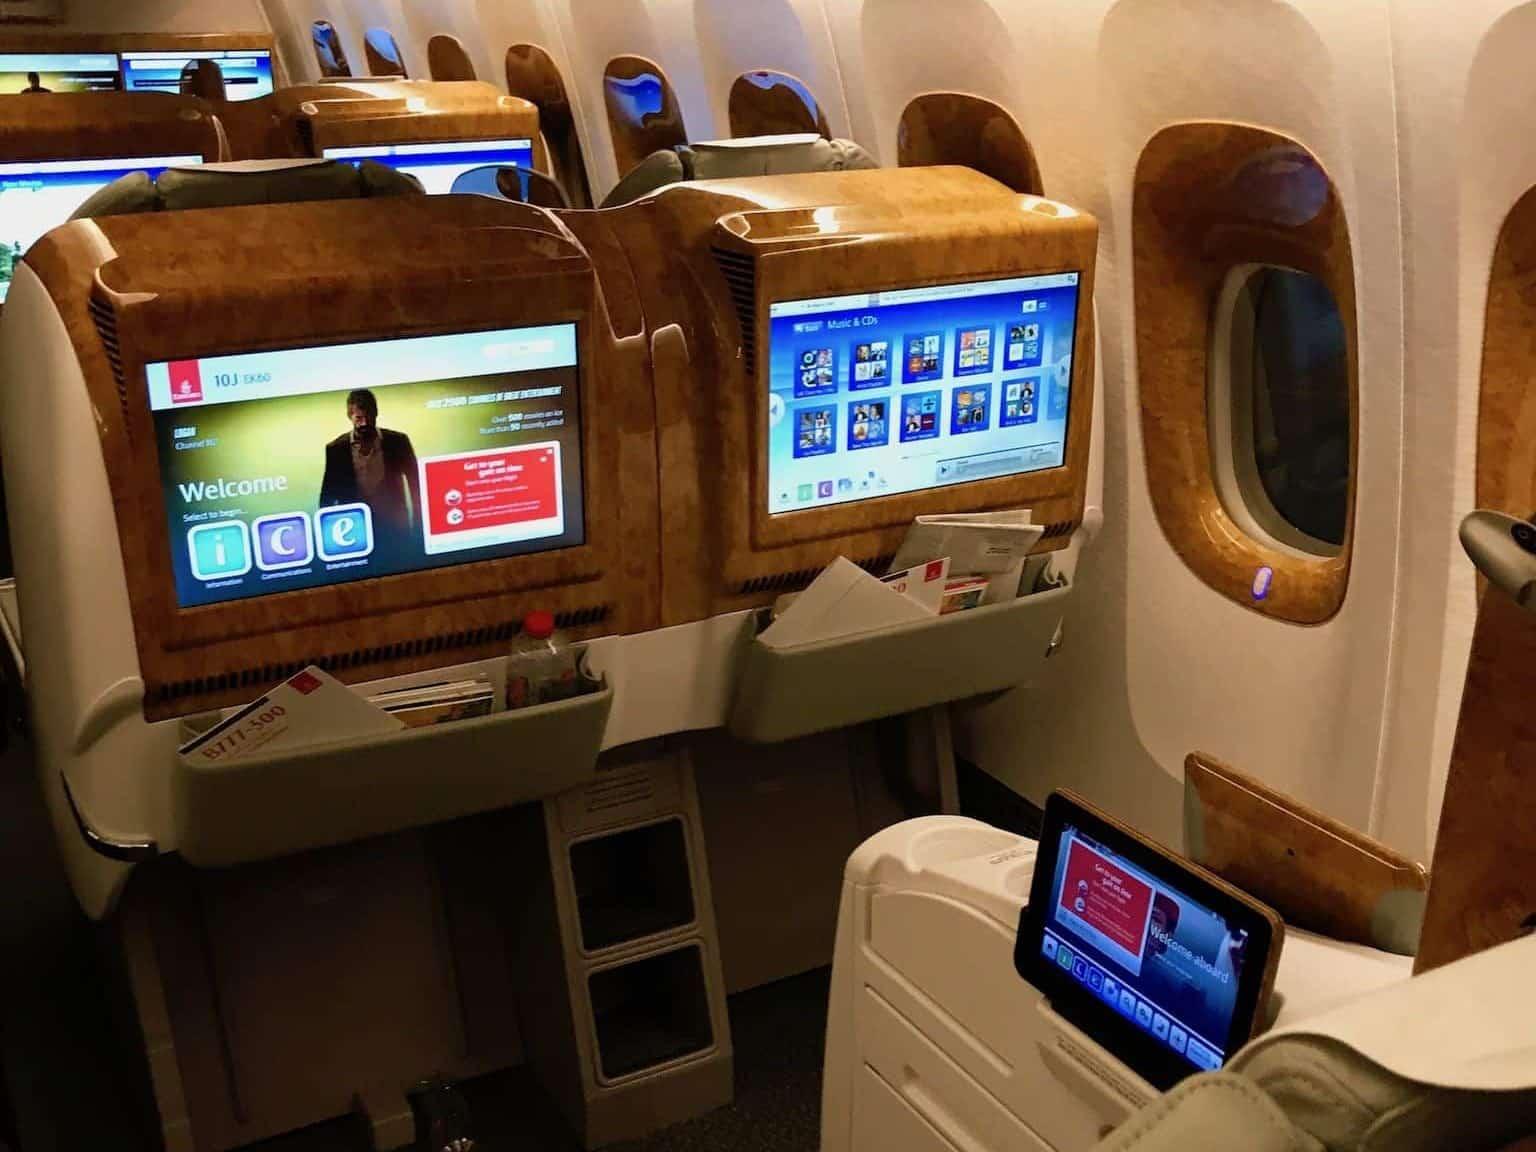 IMG 3429 edited Flugreisen-Tipps: So wird der Flug entspannt, sicher und günstig